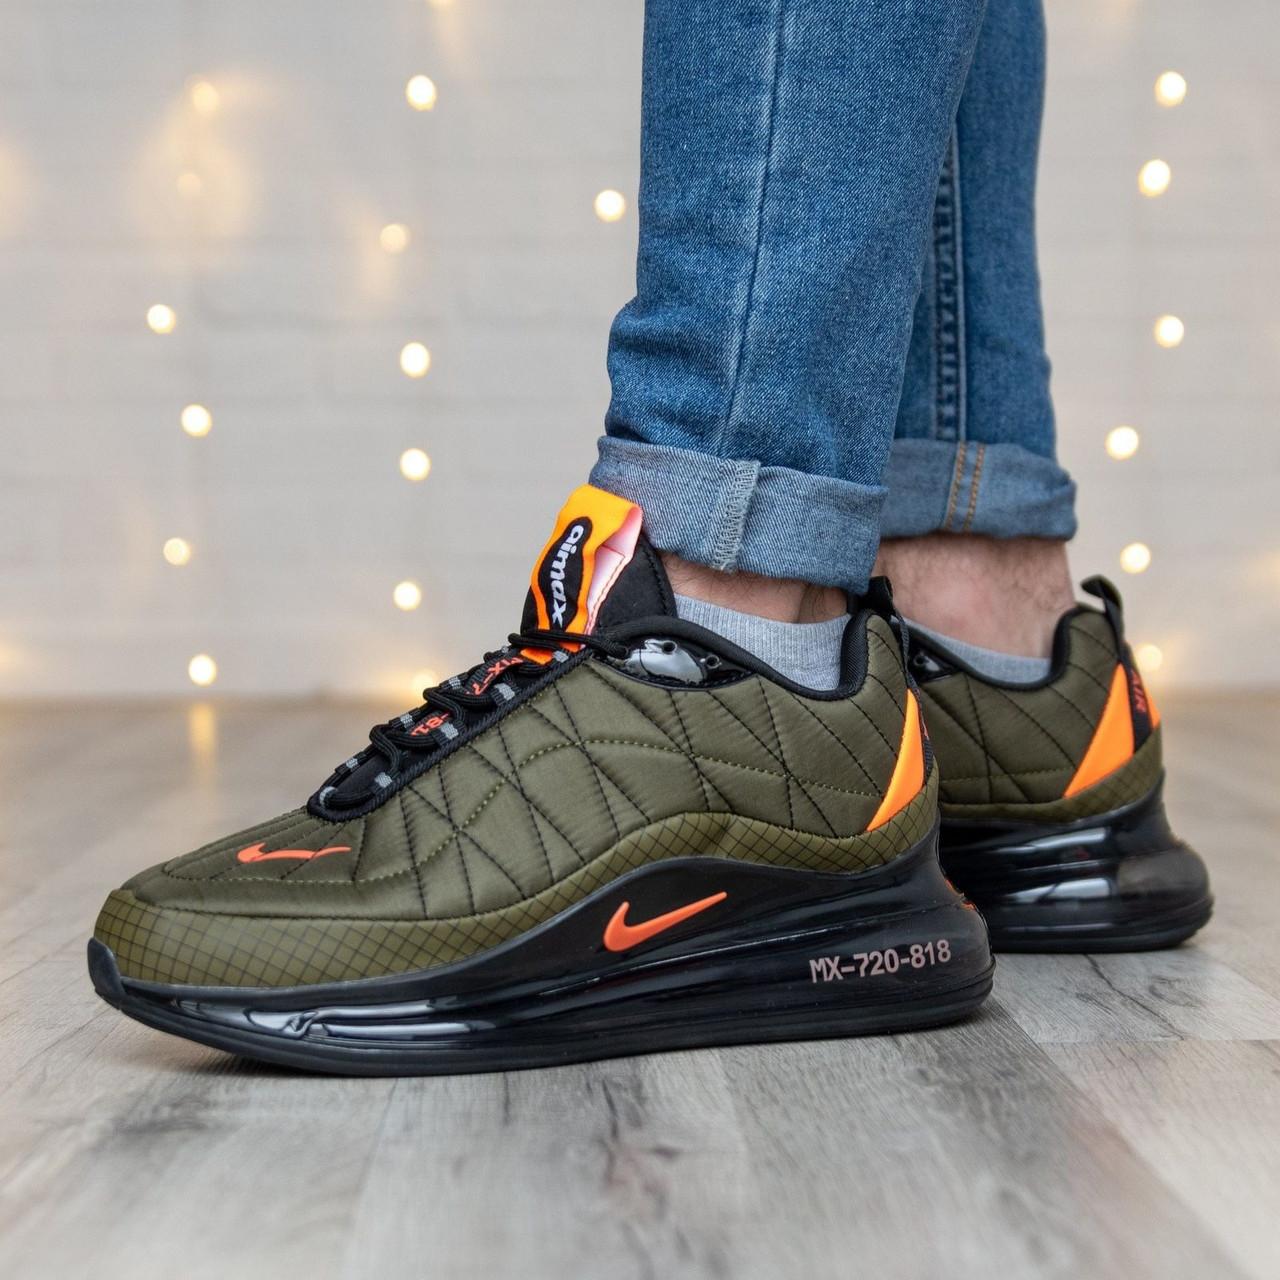 Мужские кроссовки в стиле Nike Air Max 720-818 Olive (41, 42, 43, 44, 45 размеры)